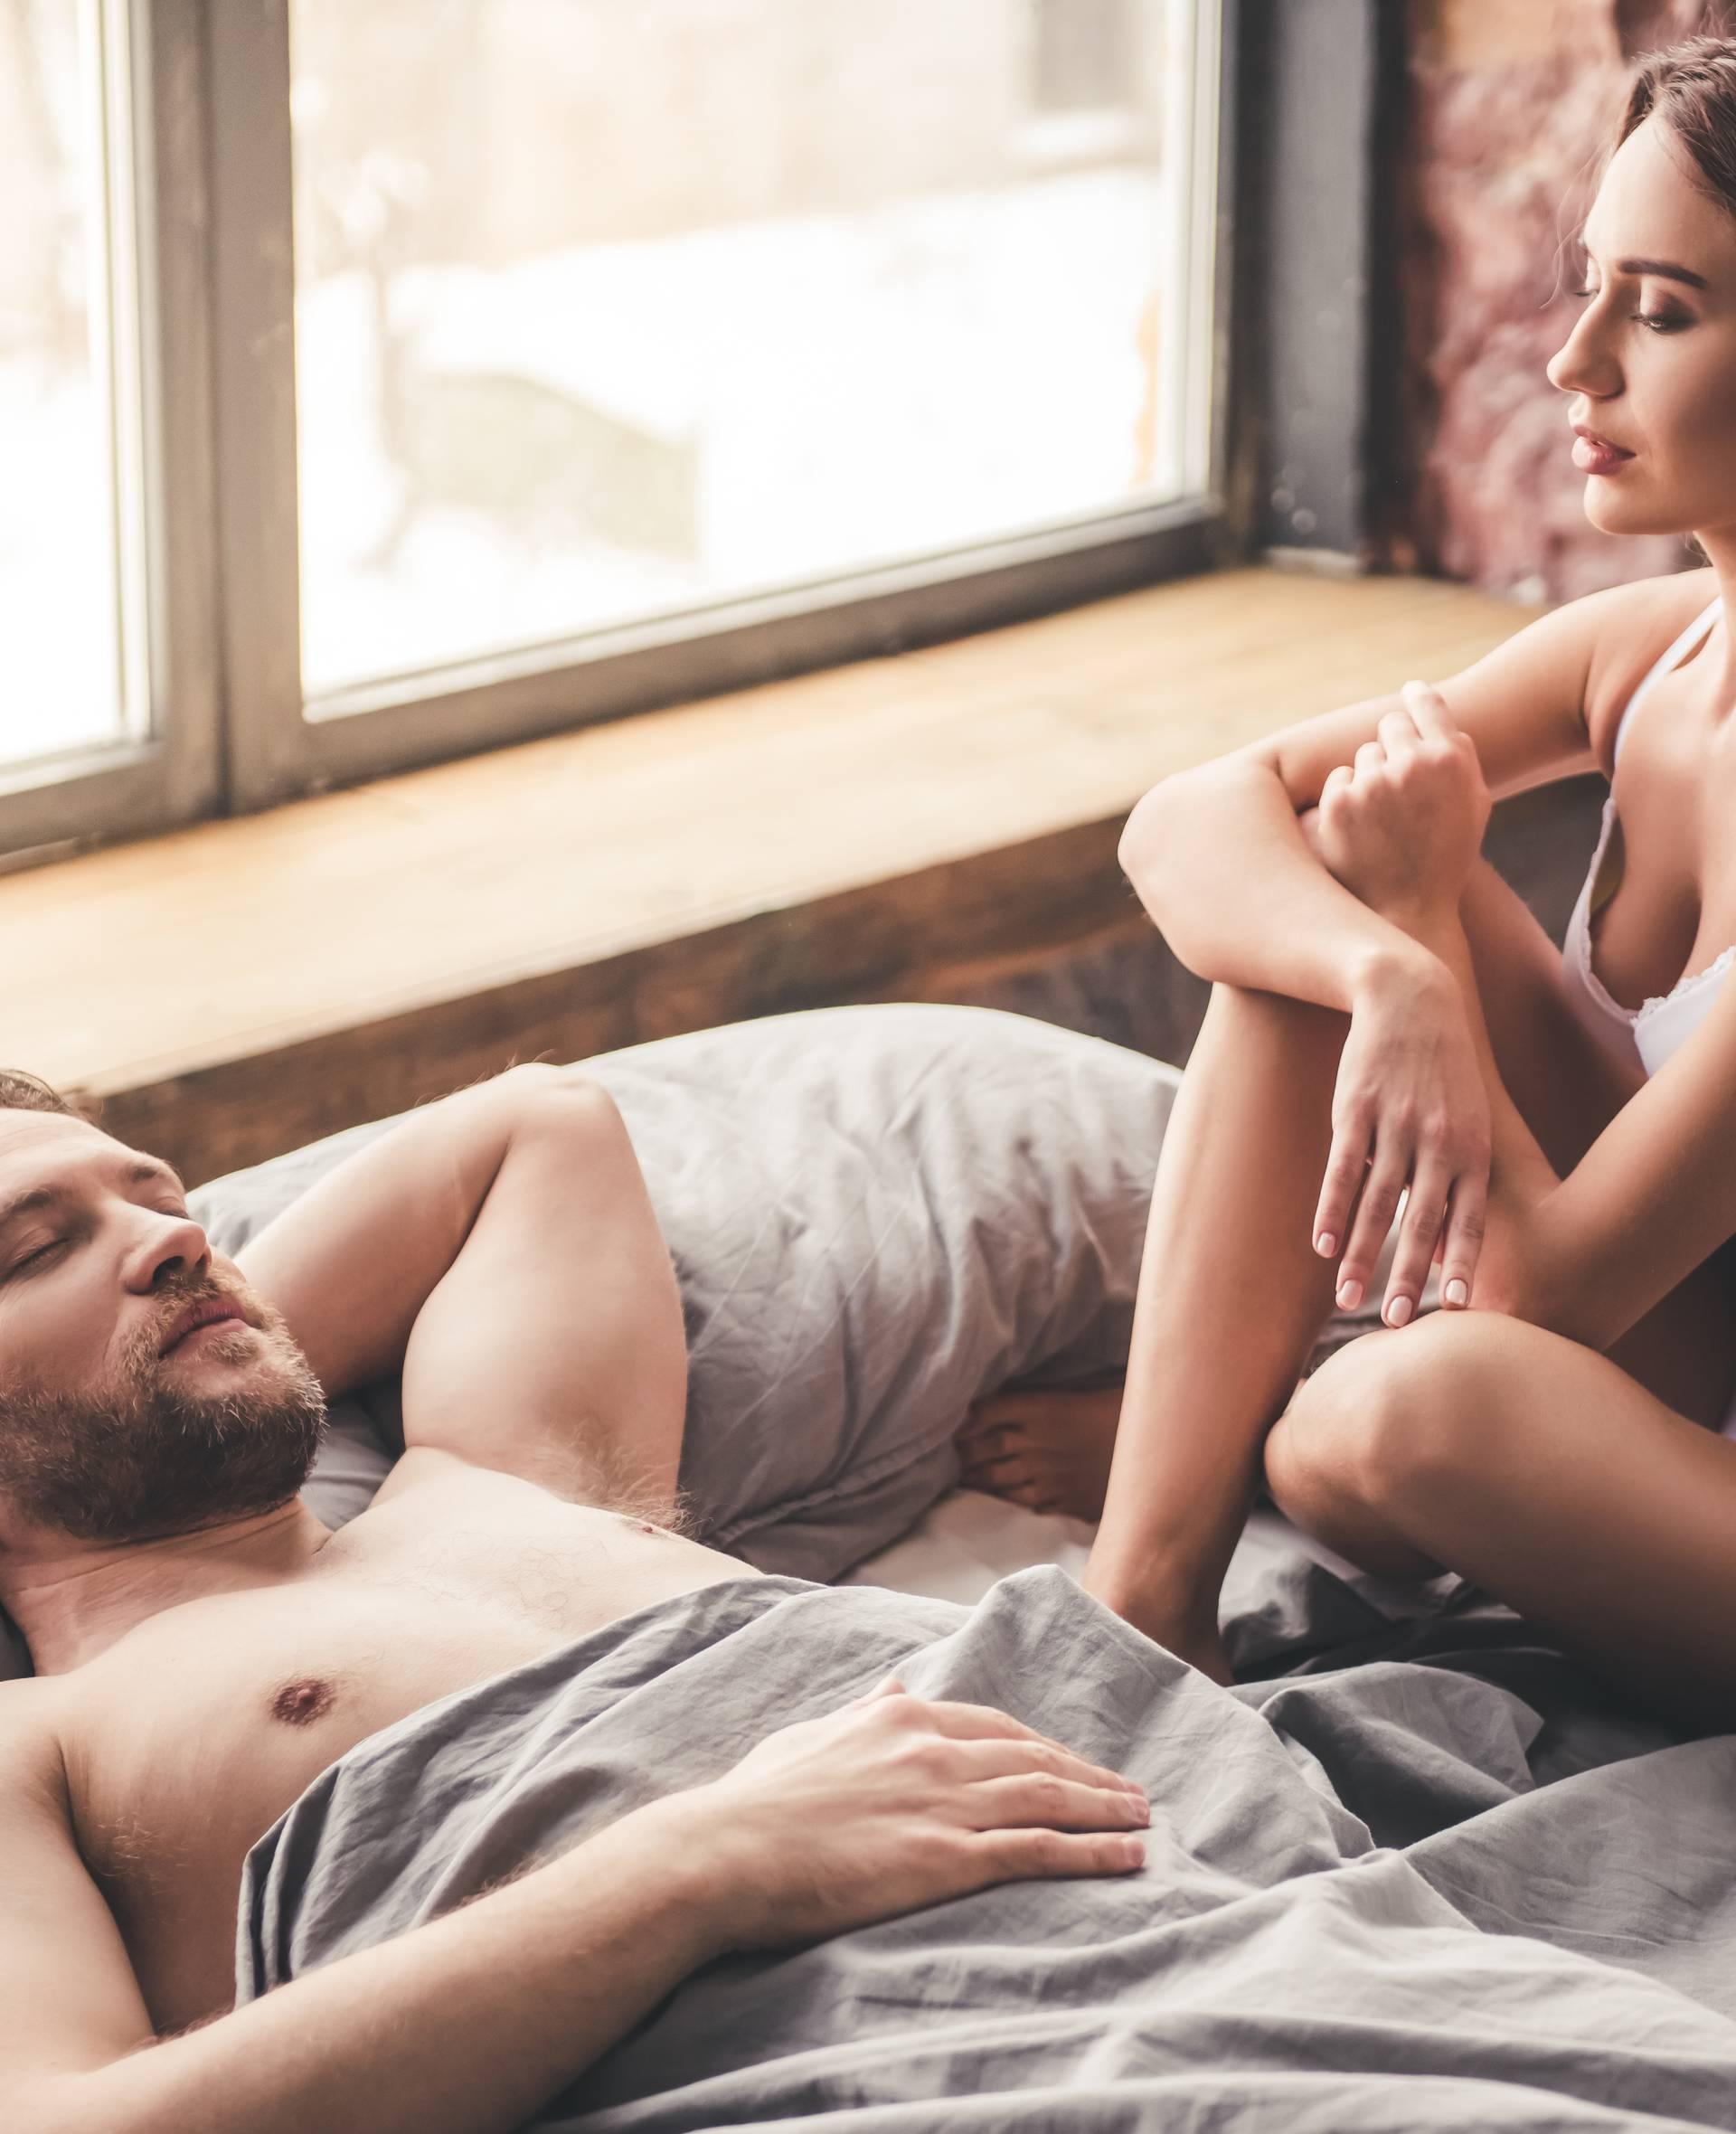 Zbog ovoga će zatajiti u seksu: Ne tjerajte ih i ne vrijeđajte...